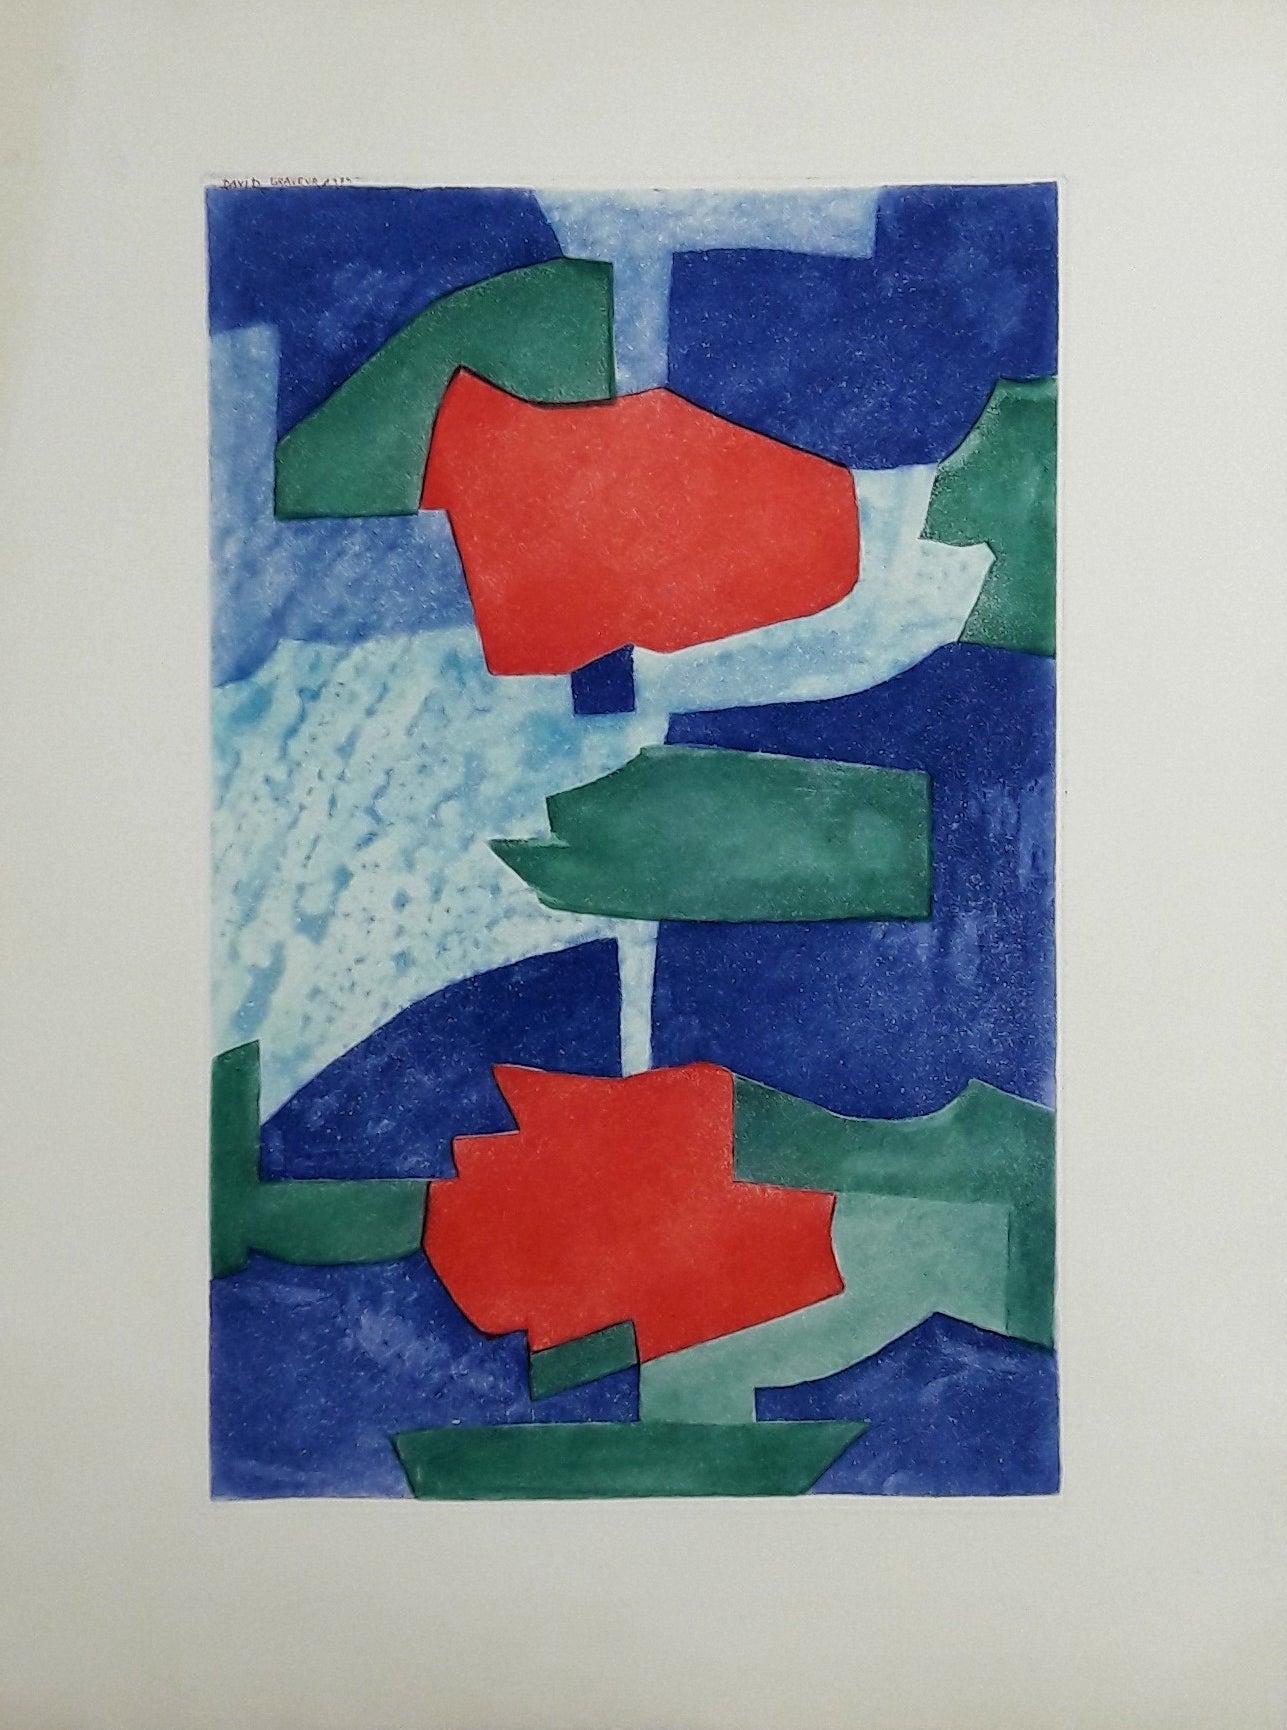 Composition Bleue, Verte et Rouge - Etching - 150 copies